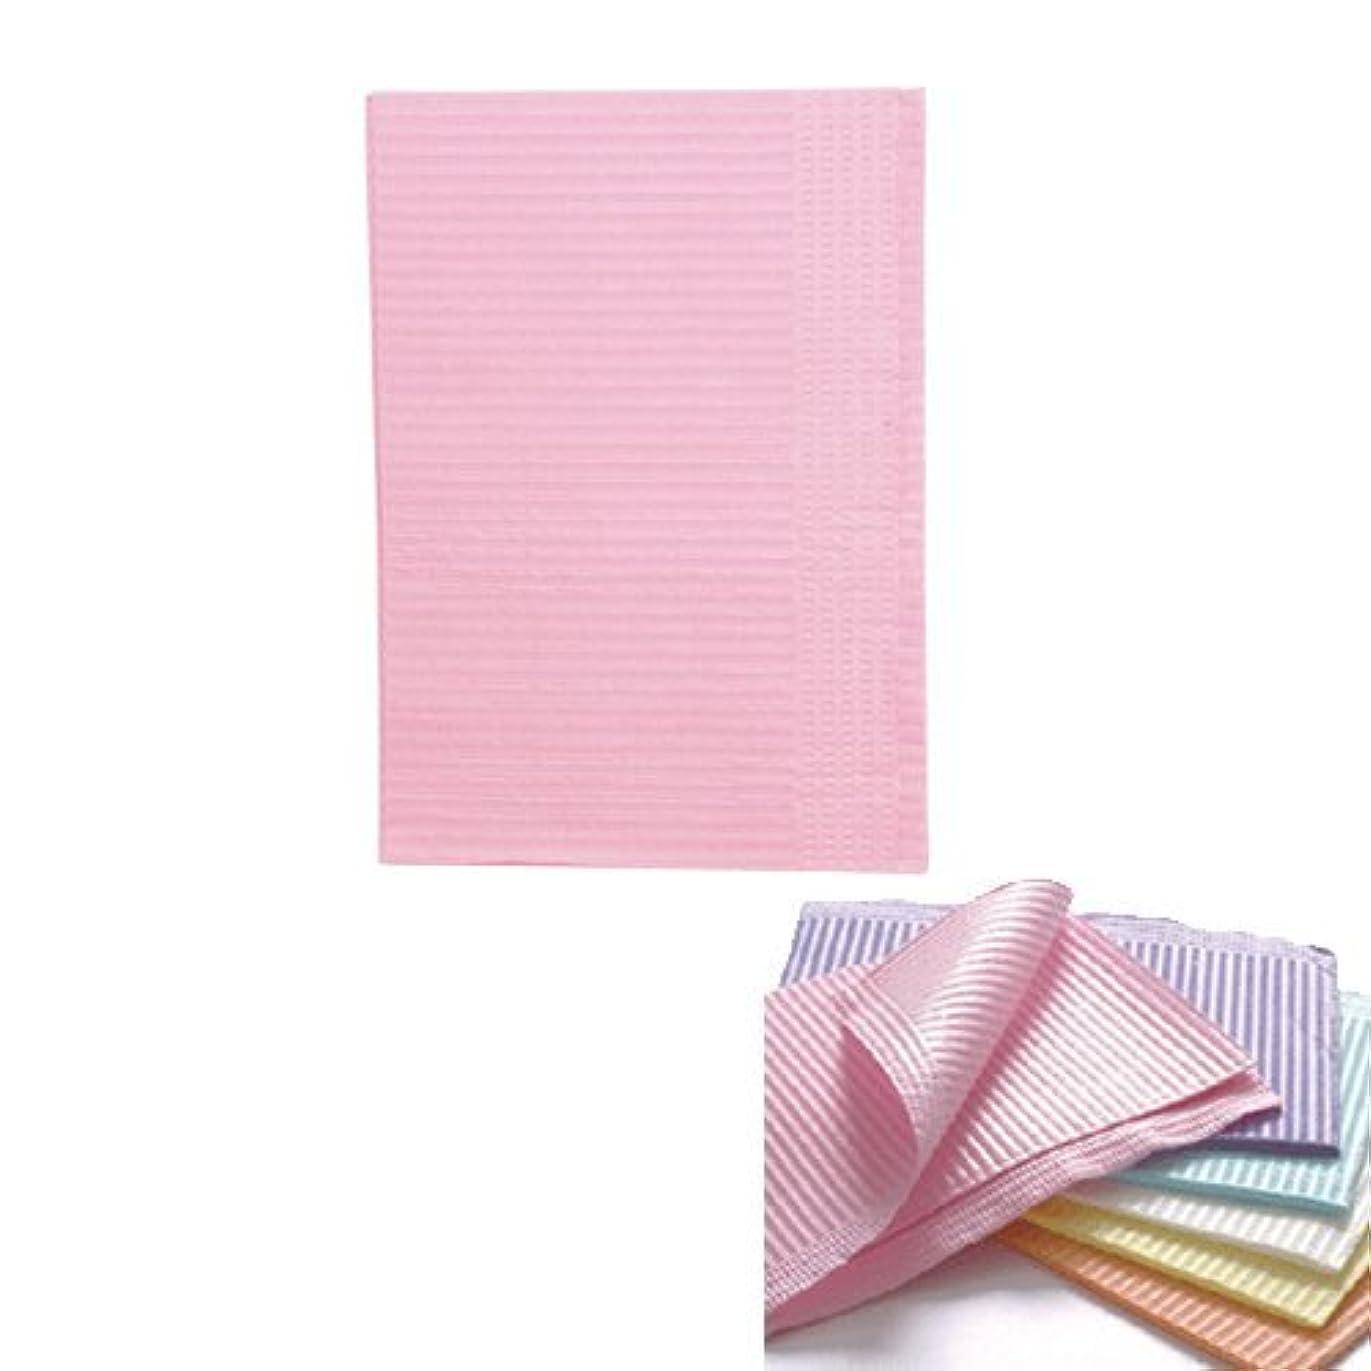 マザーランドリダクター尽きるネイル 防水ペーパー/裏面防水ネイルシート 50枚 ピンク